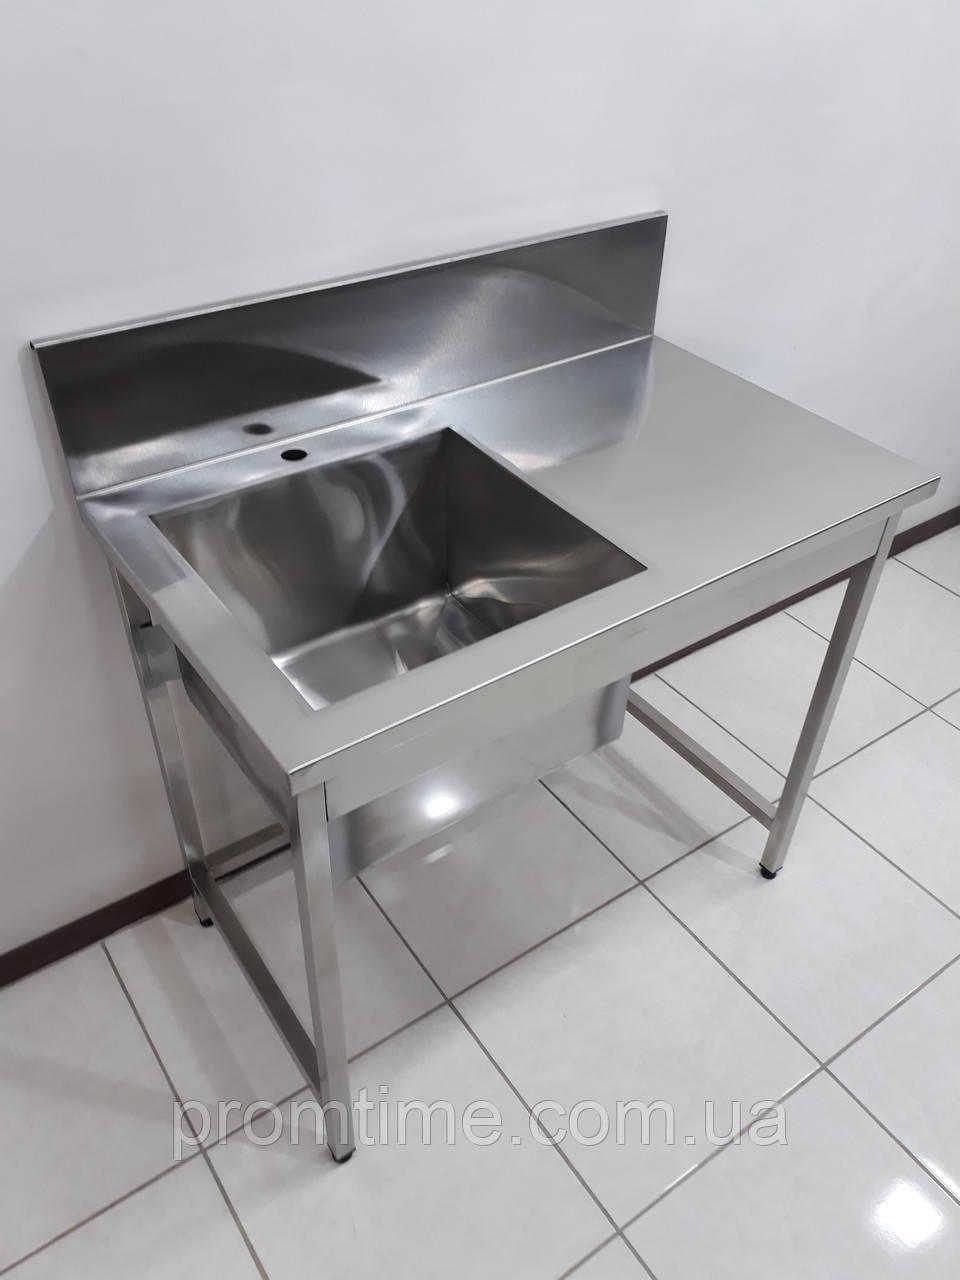 Стол мойка для кухни из нержавеющей стали 1000х600х850